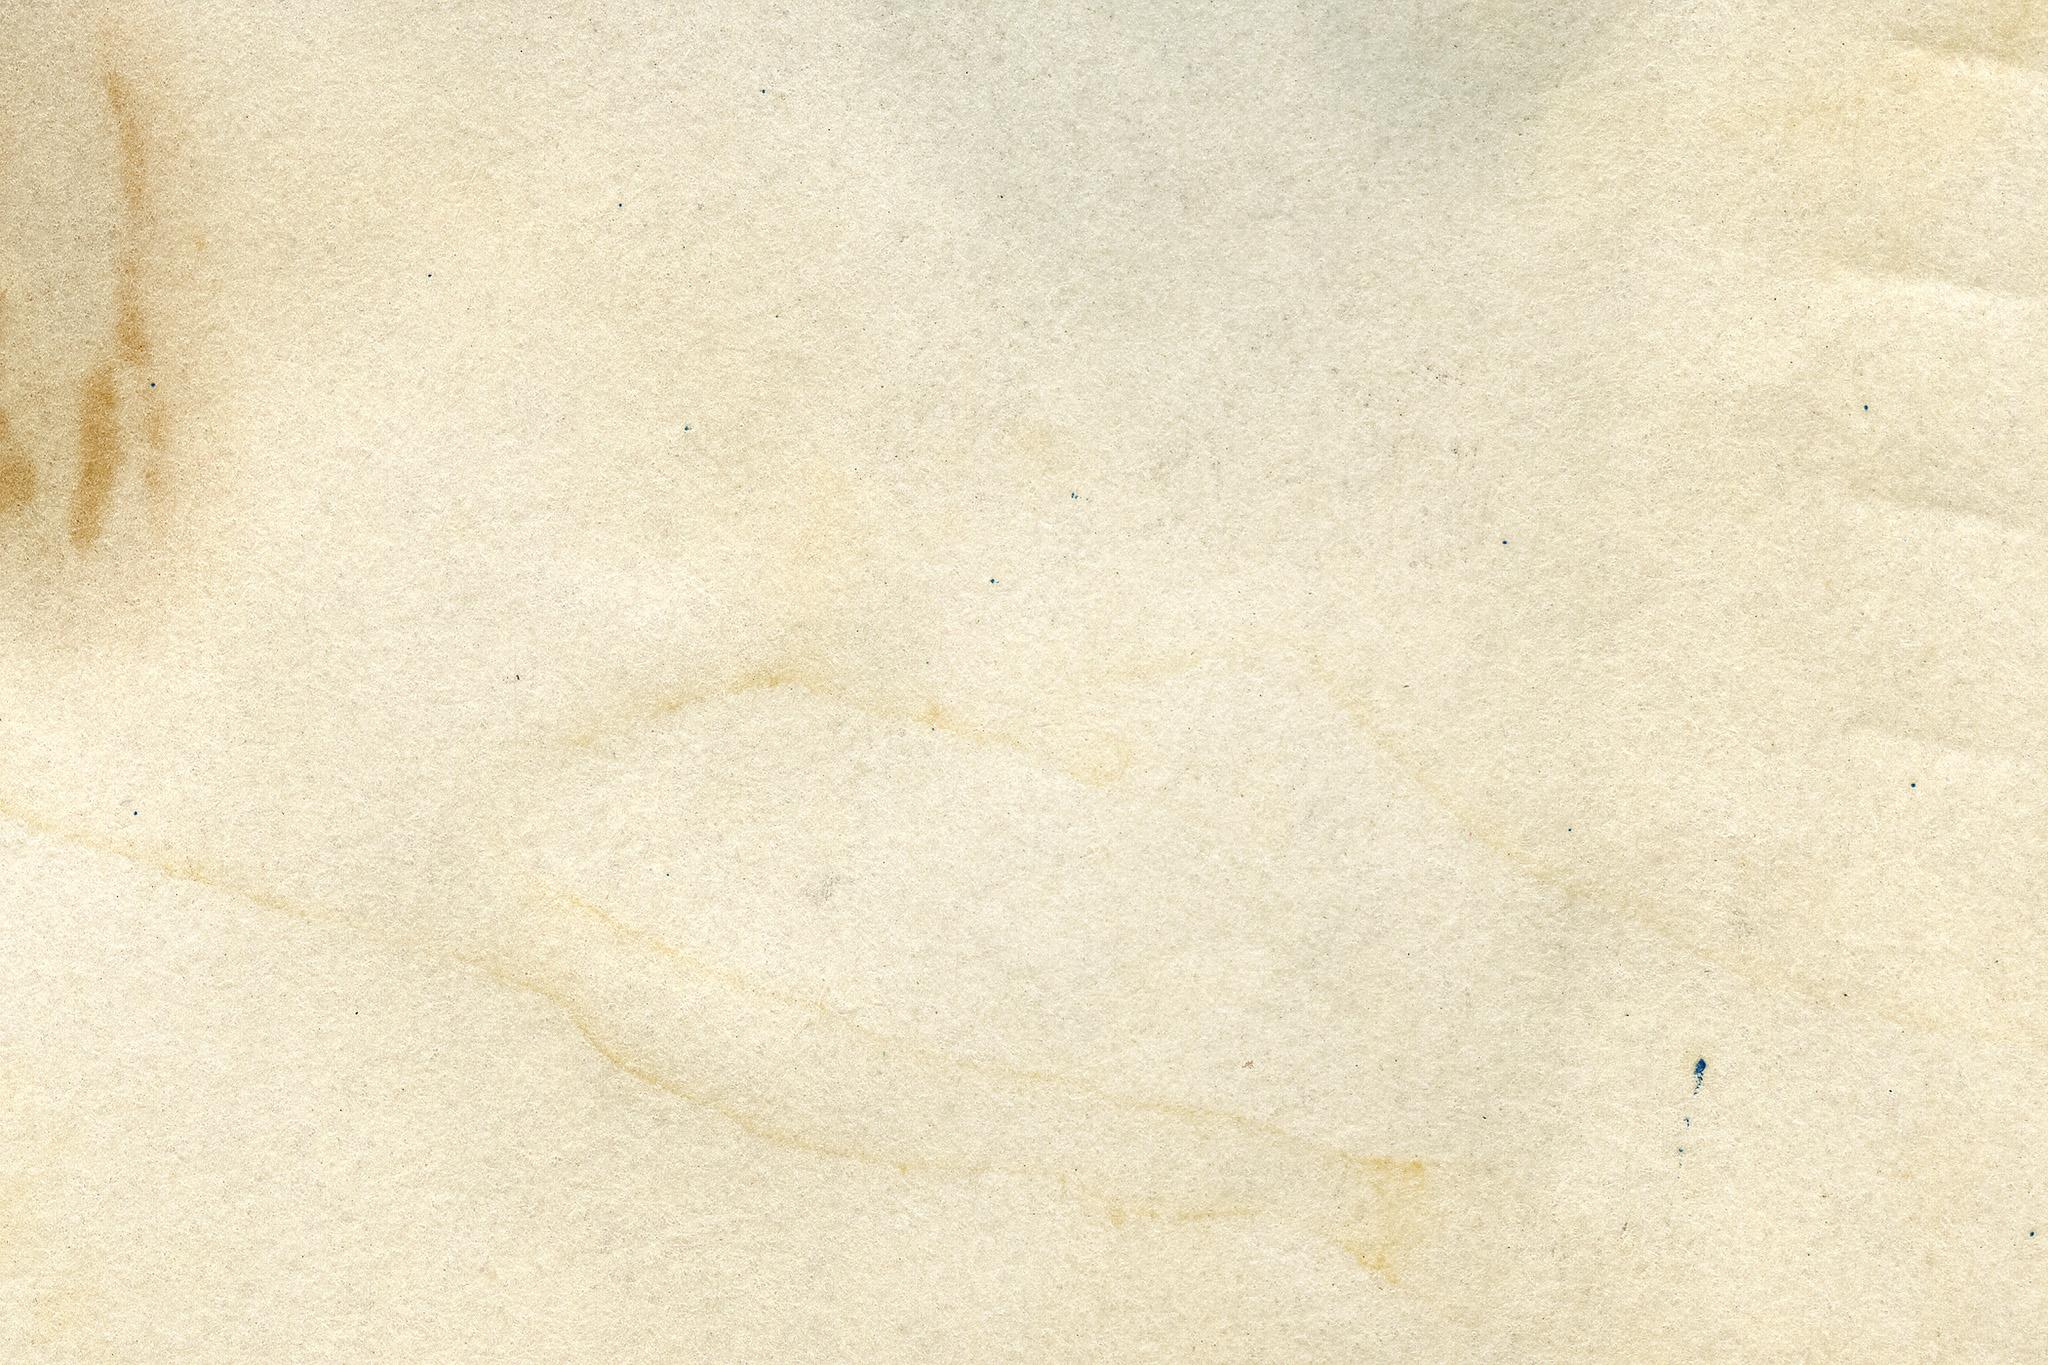 「シミや汚れがある古紙のテクスチャ」